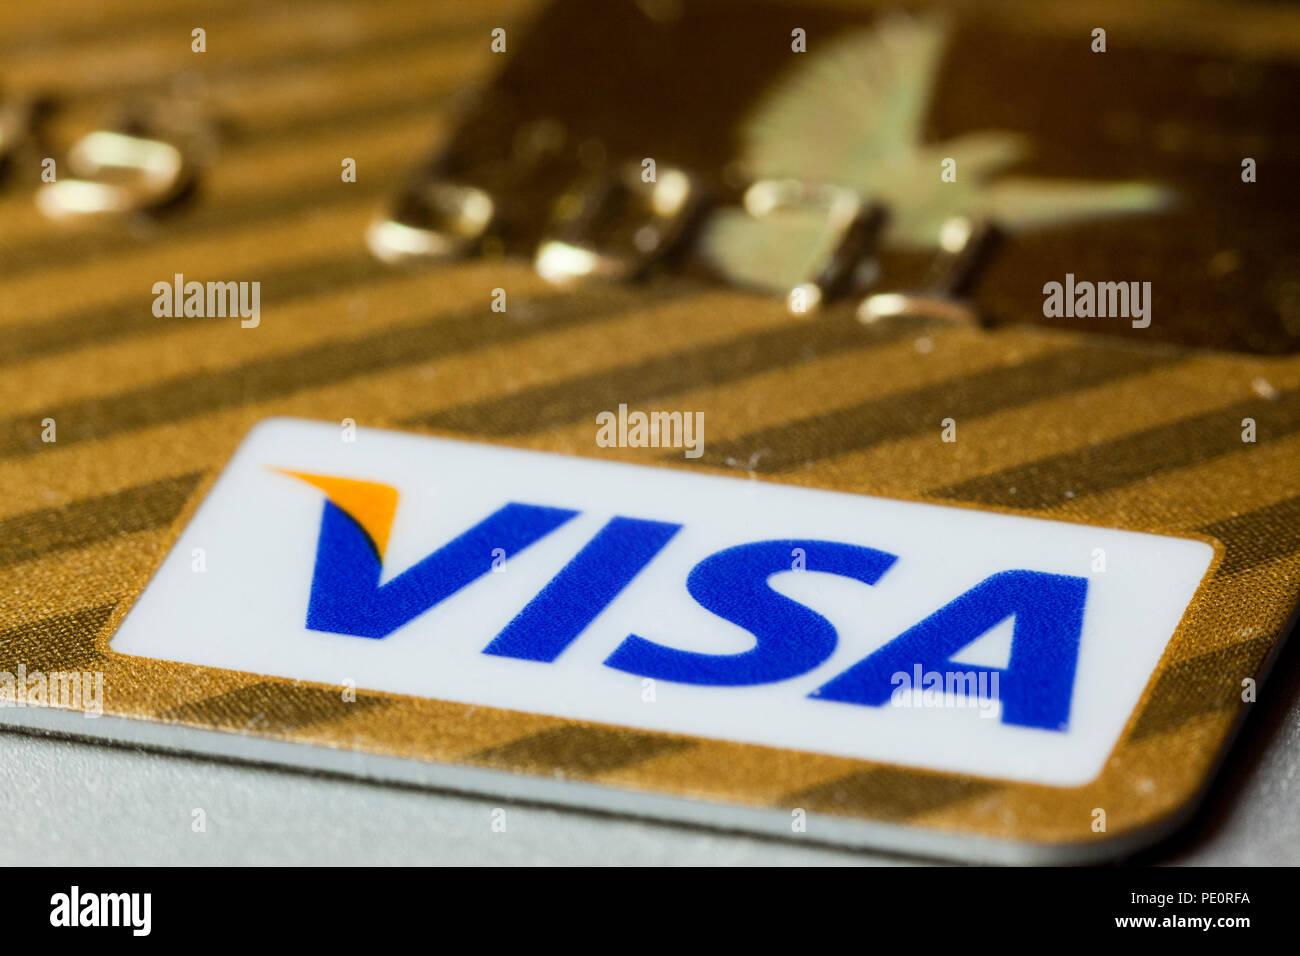 Visa credit card logo close up - USA - Stock Image